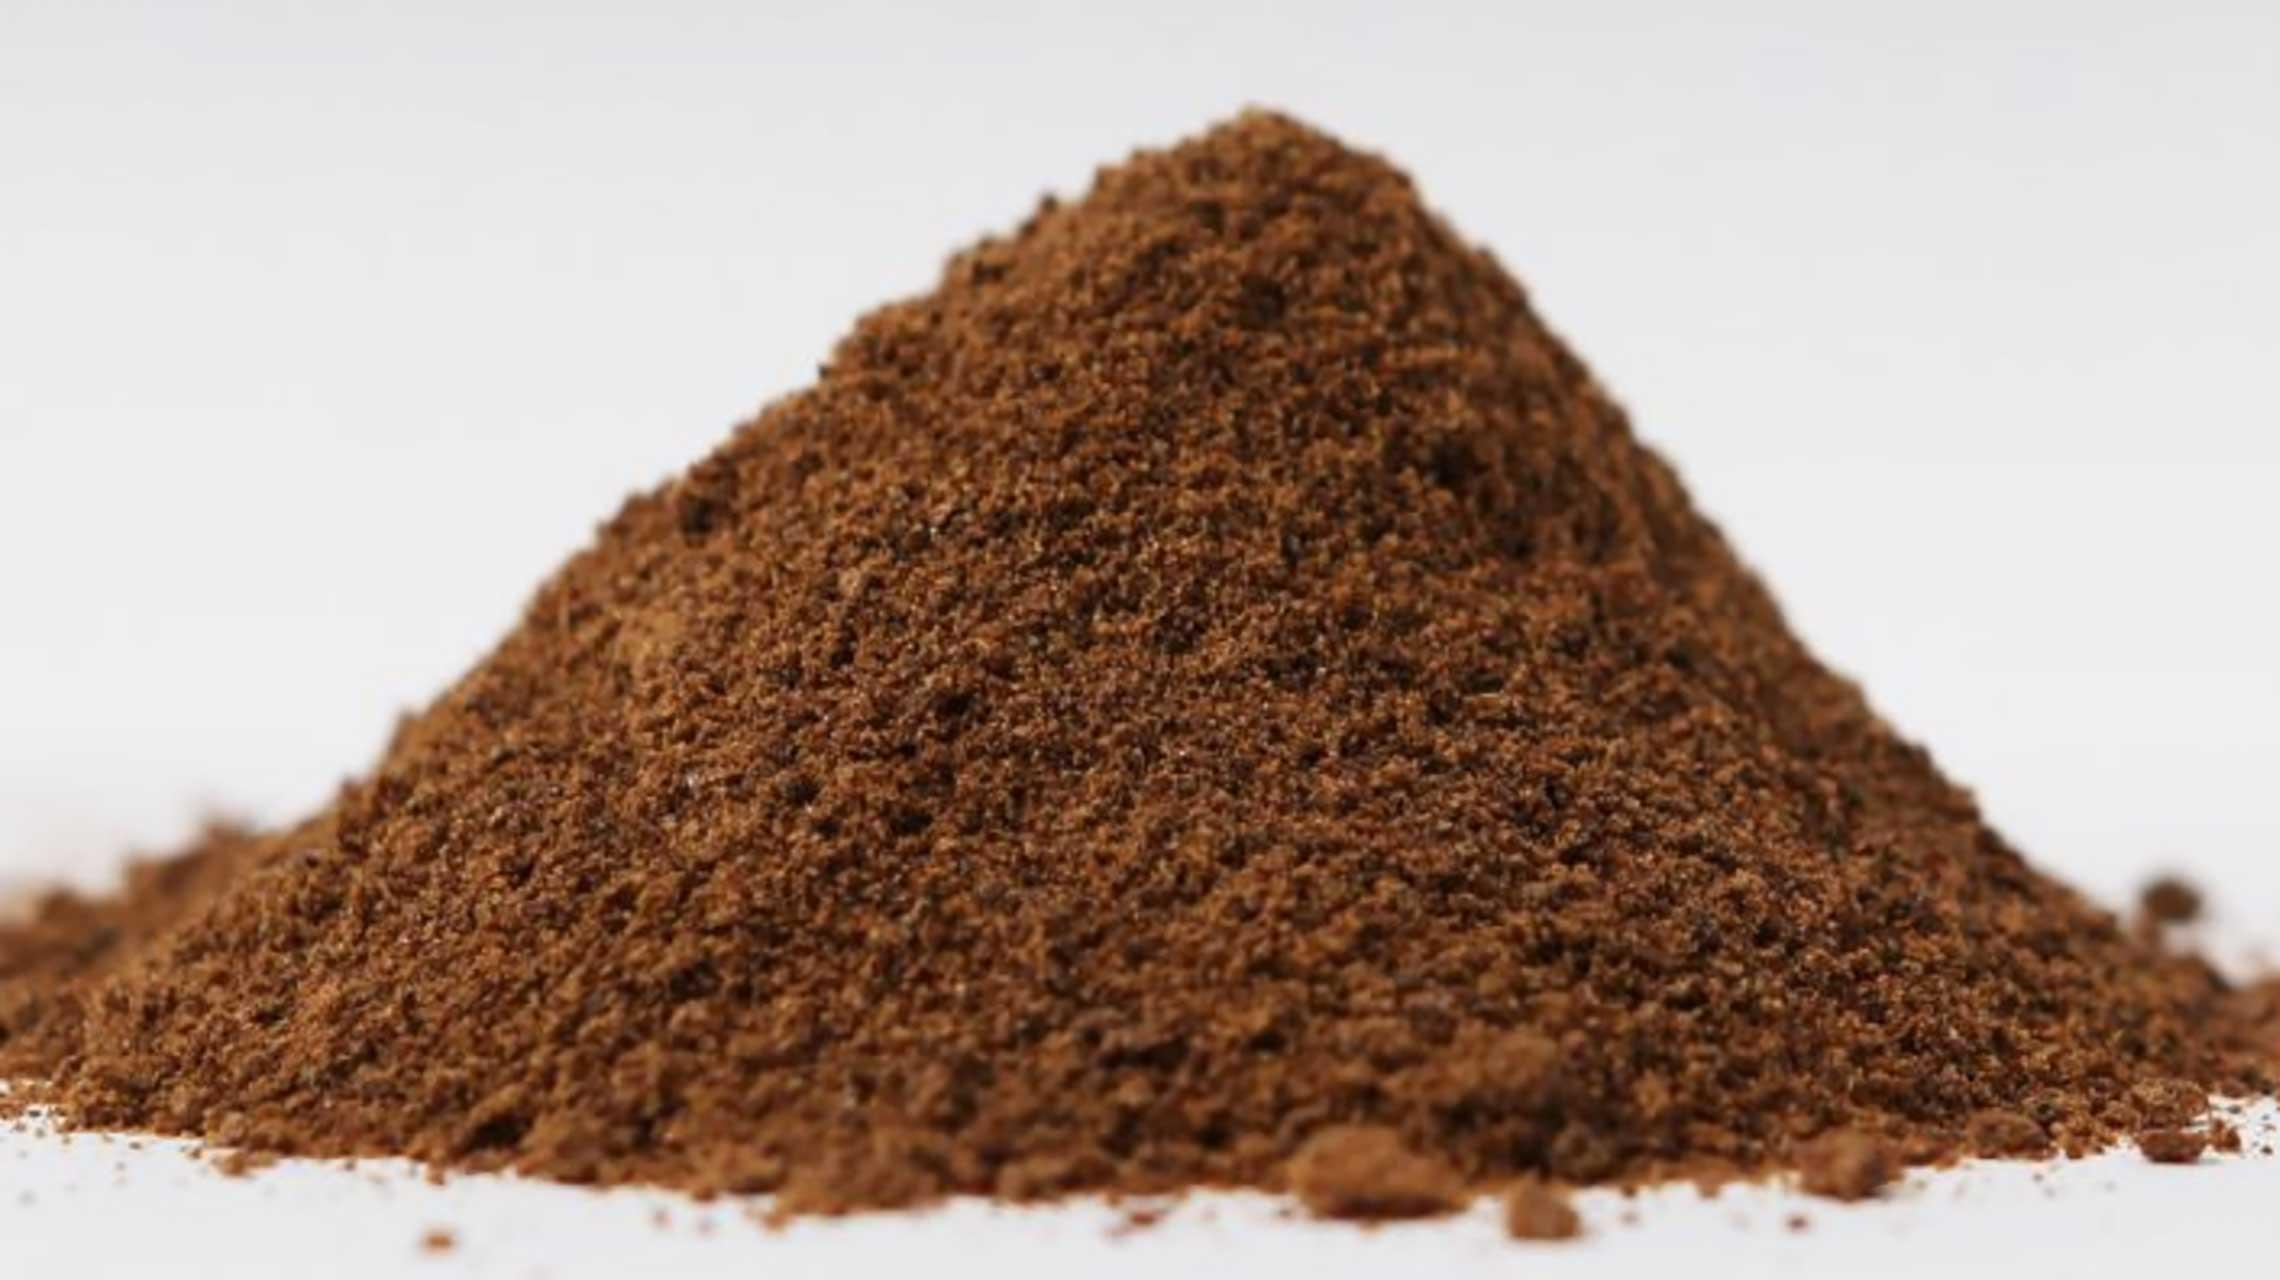 La farine d'insectes : bientôt une denrée alimentaire pour les animaux ?